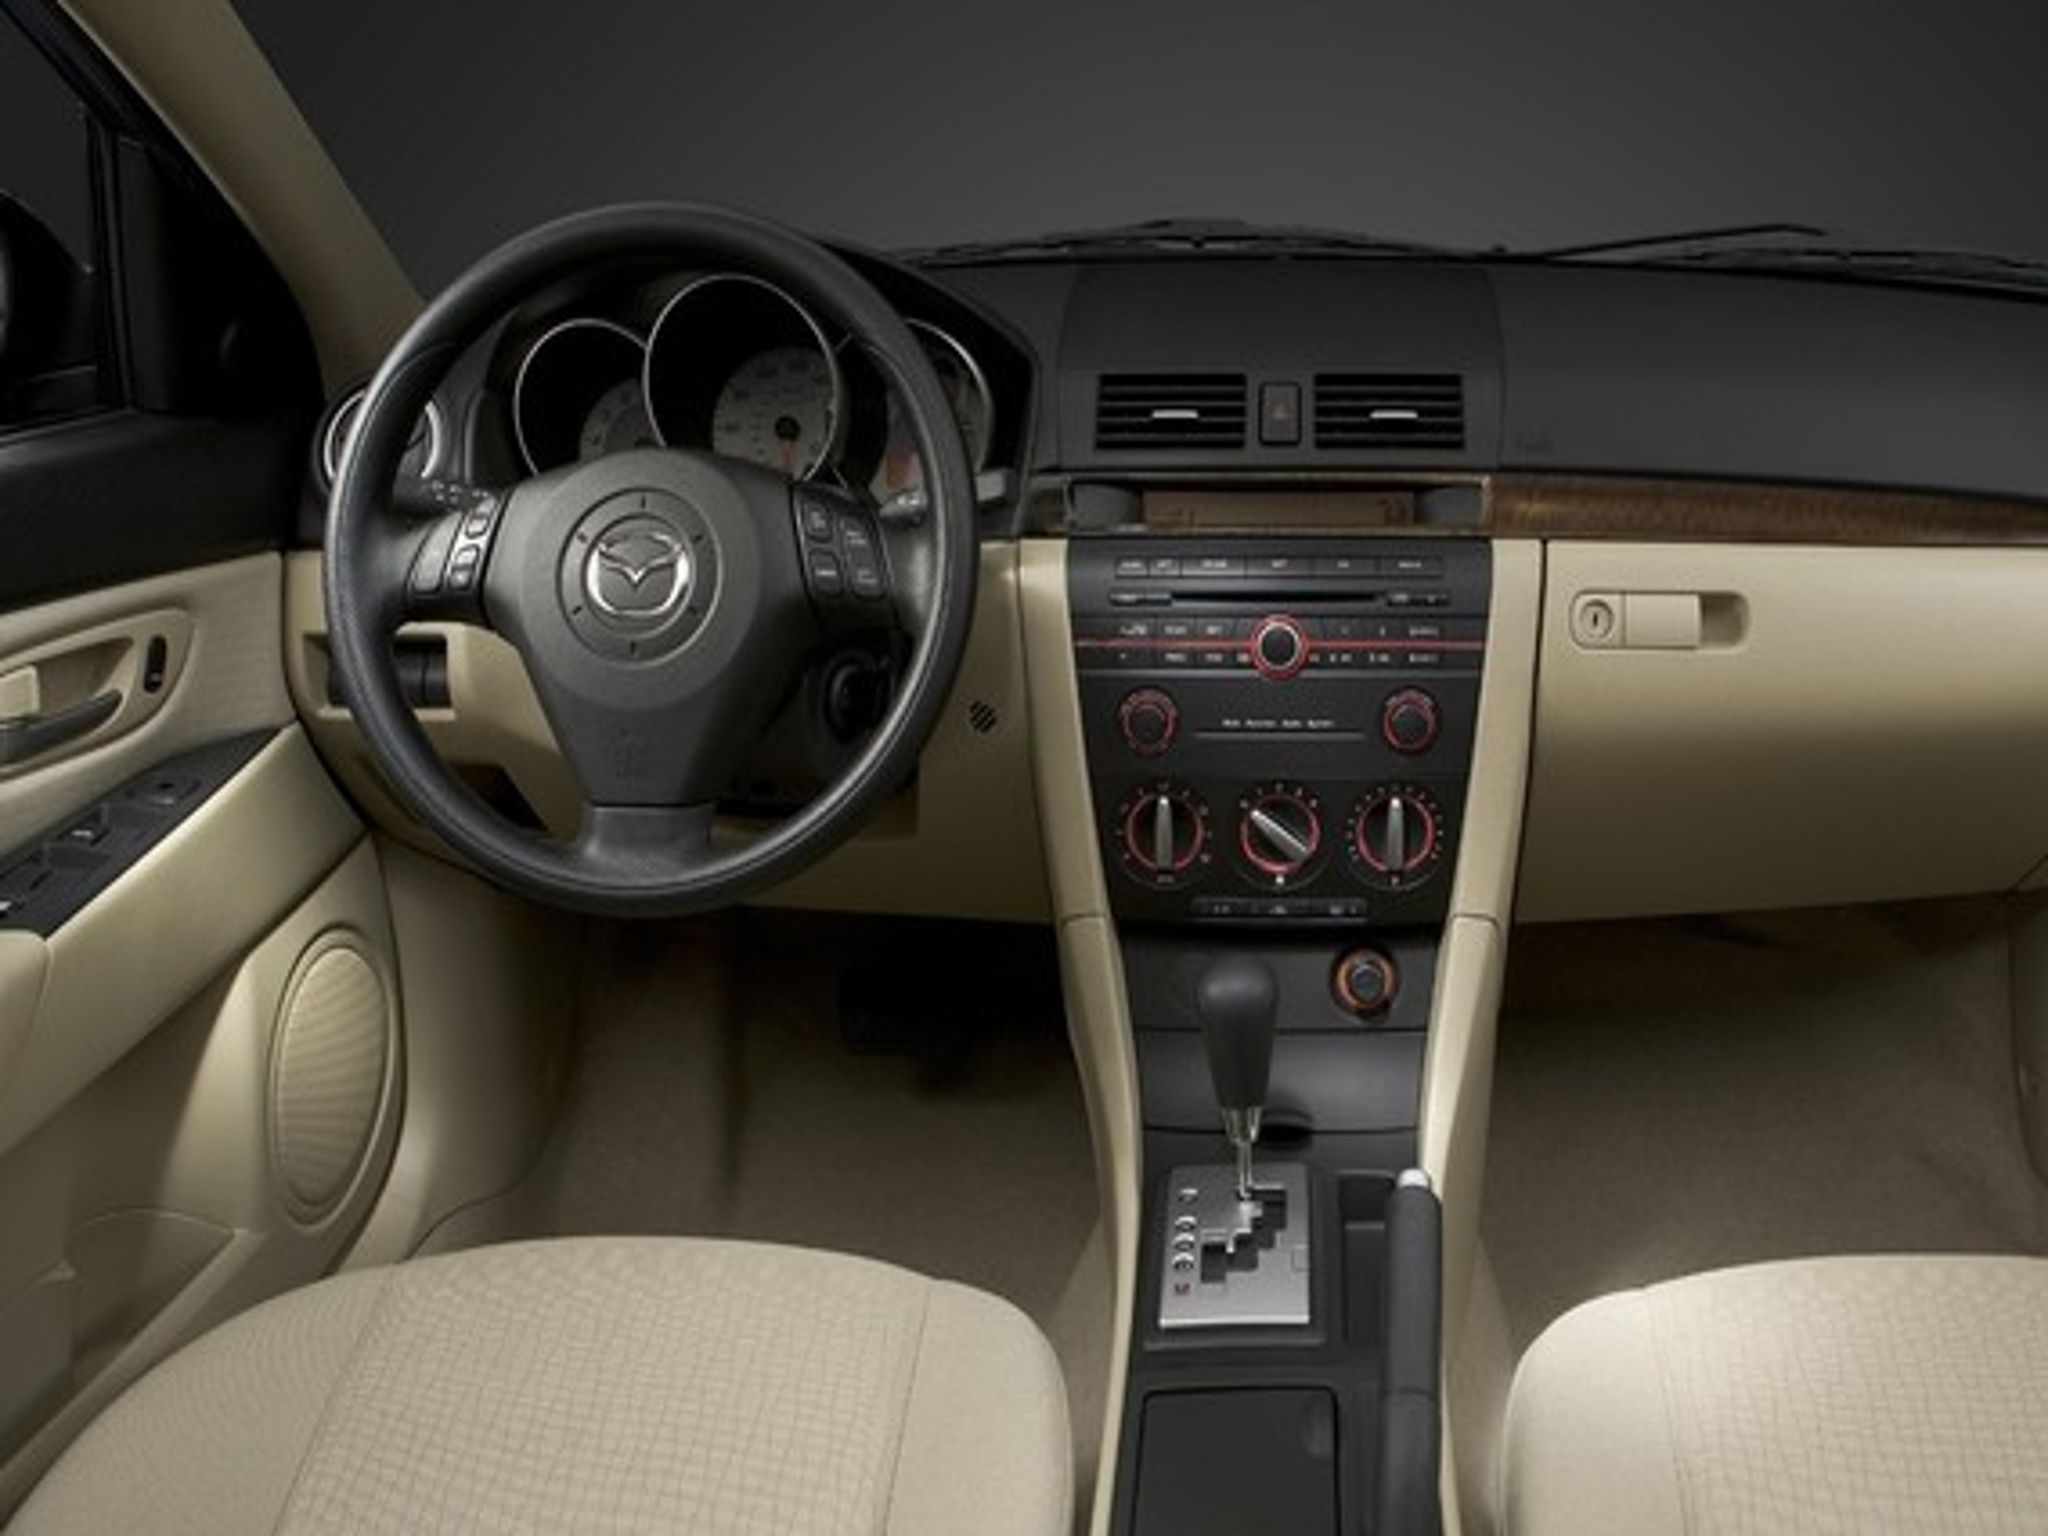 Щелчки при нажатии на тормоз в режиме «паркинг» на Mazda 3 (I)